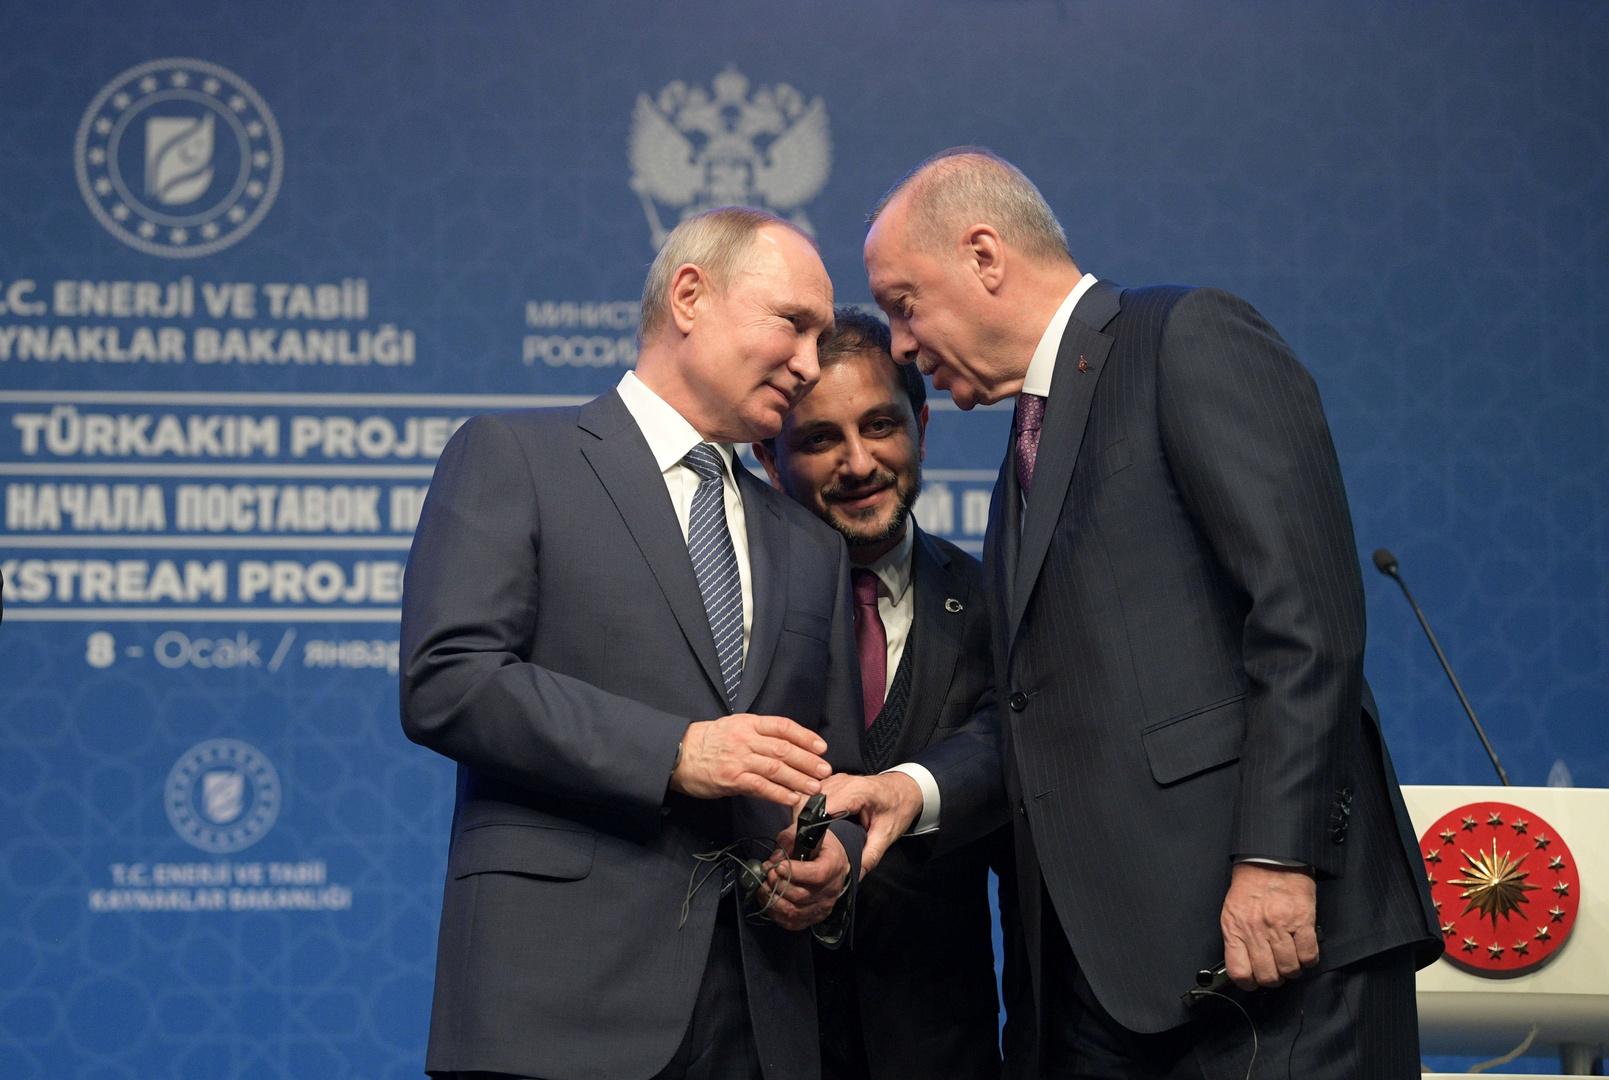 بوتين وأردوغان يؤكدان على ضرورة تنفيذ الاتفاق حول قره باغ بالكامل